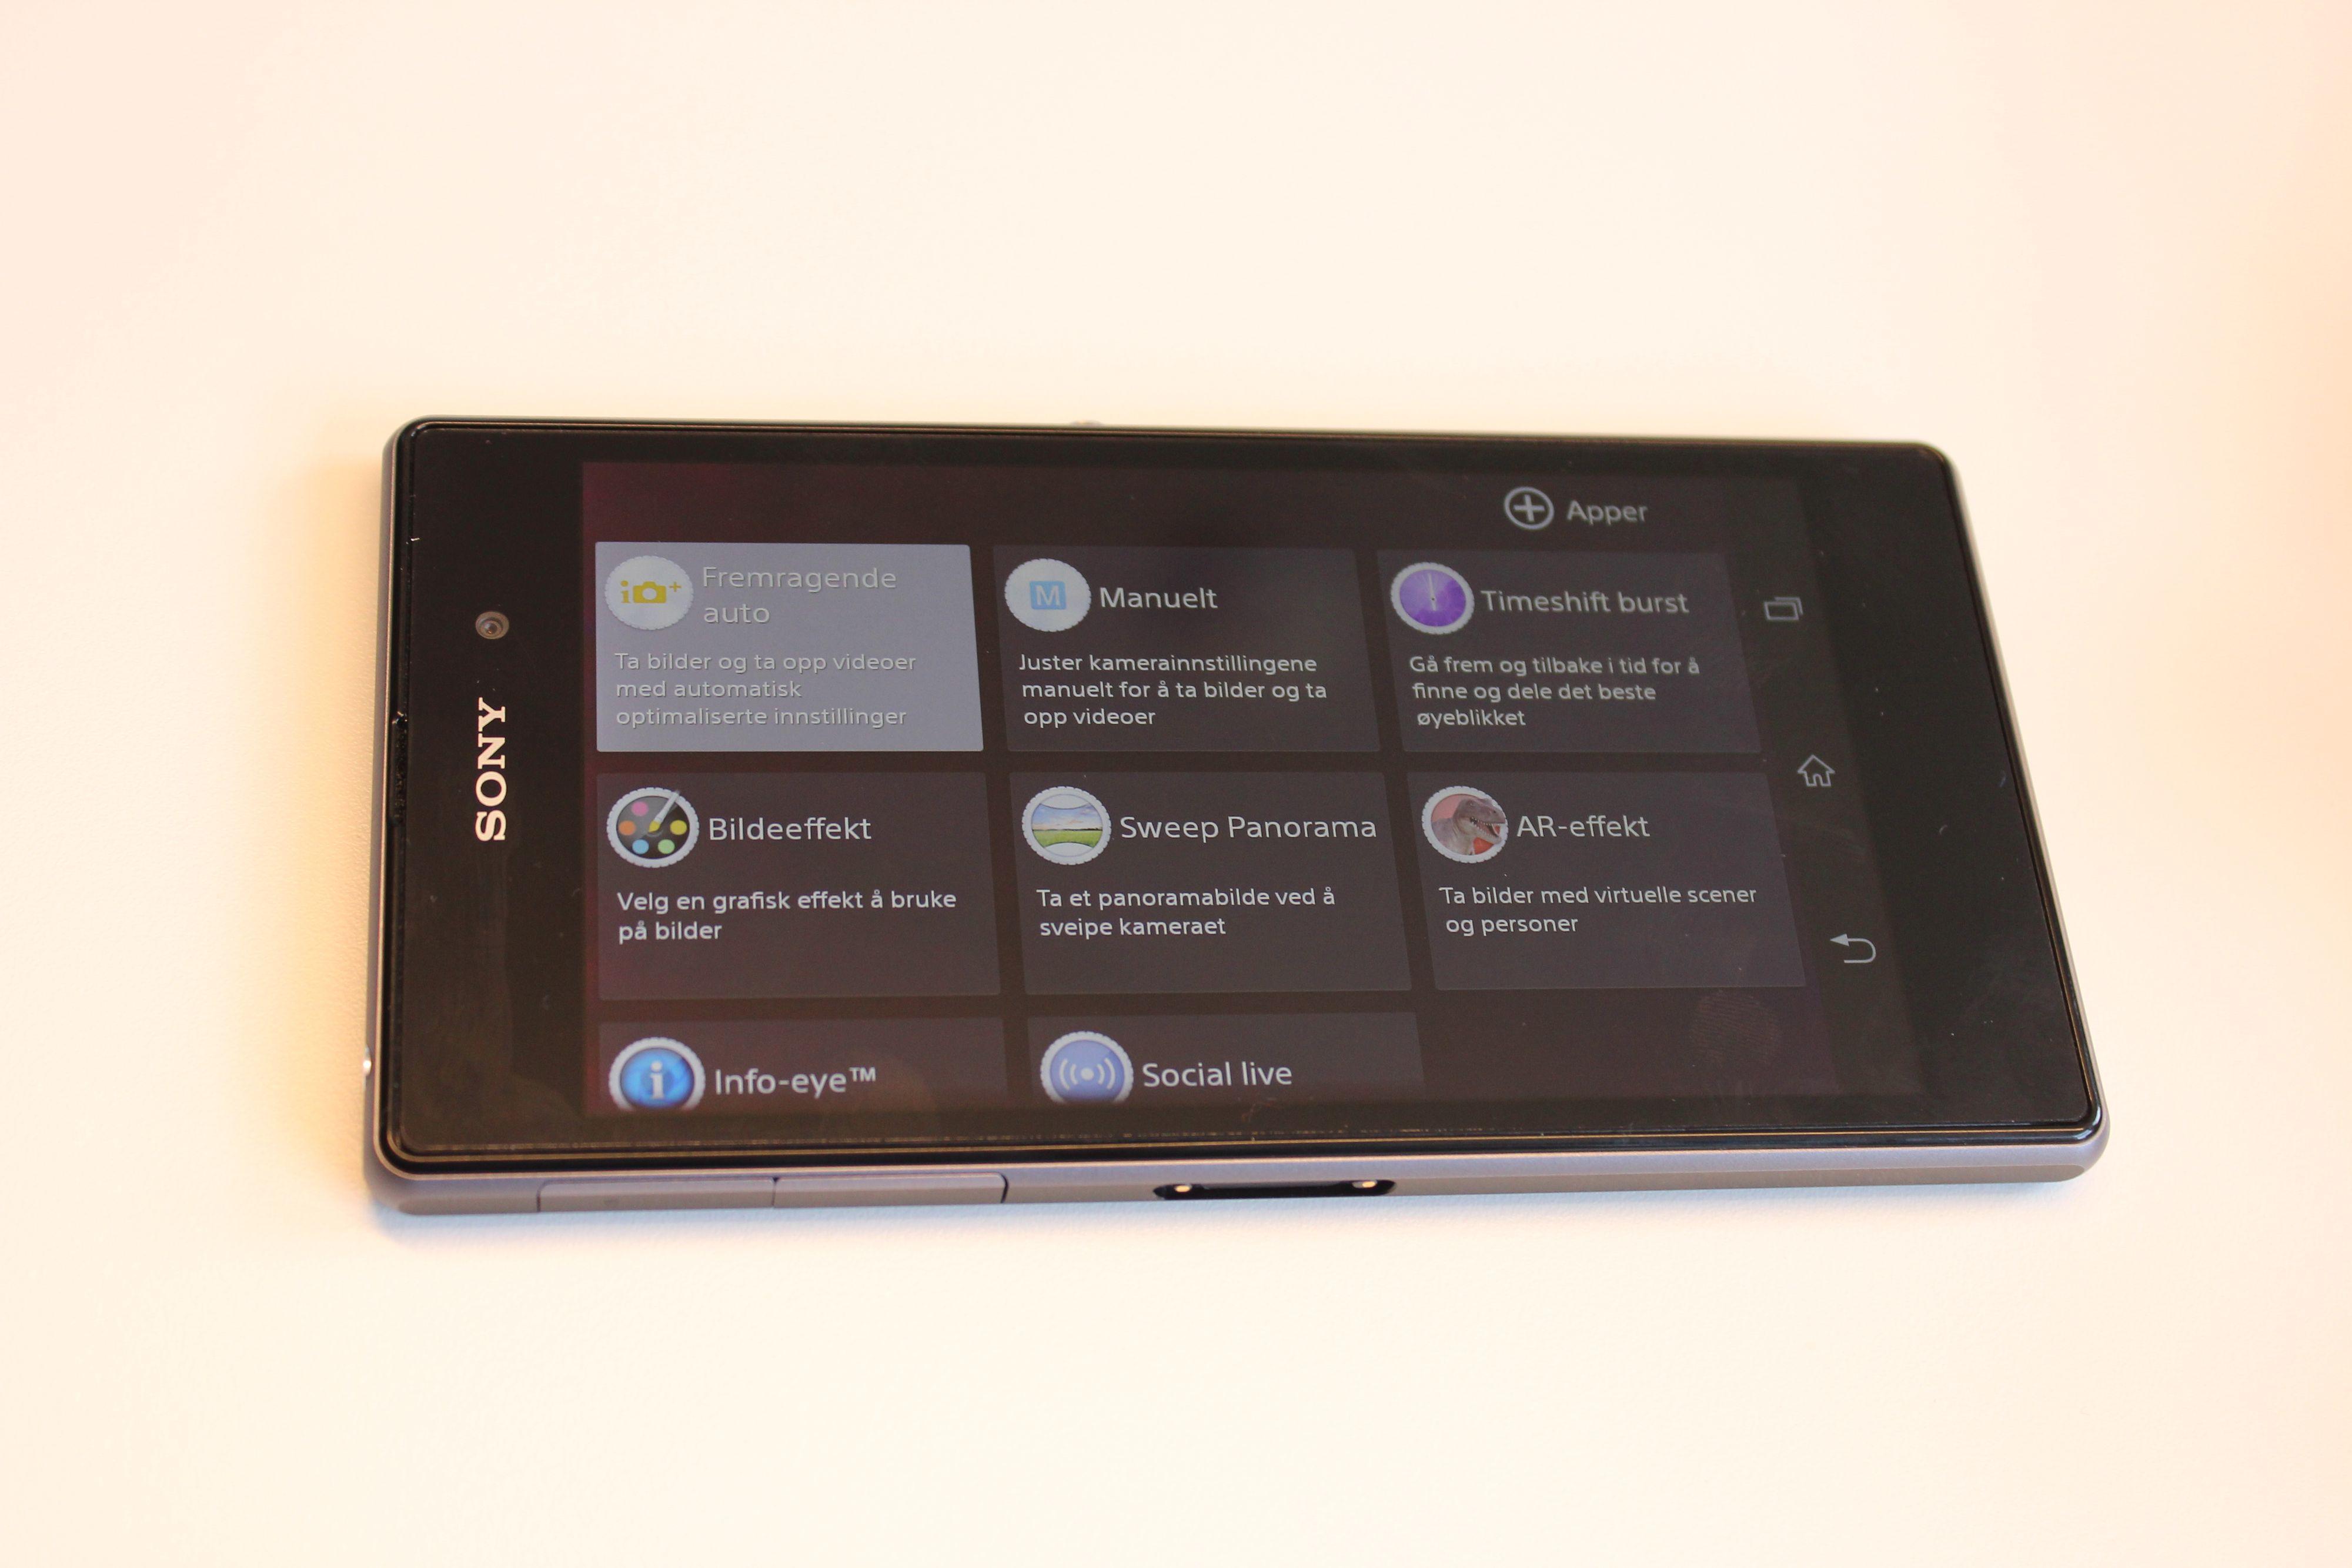 Det er flere smarte apper i kameramenyene. Foto: Espen Irwing Swang, Amobil.no